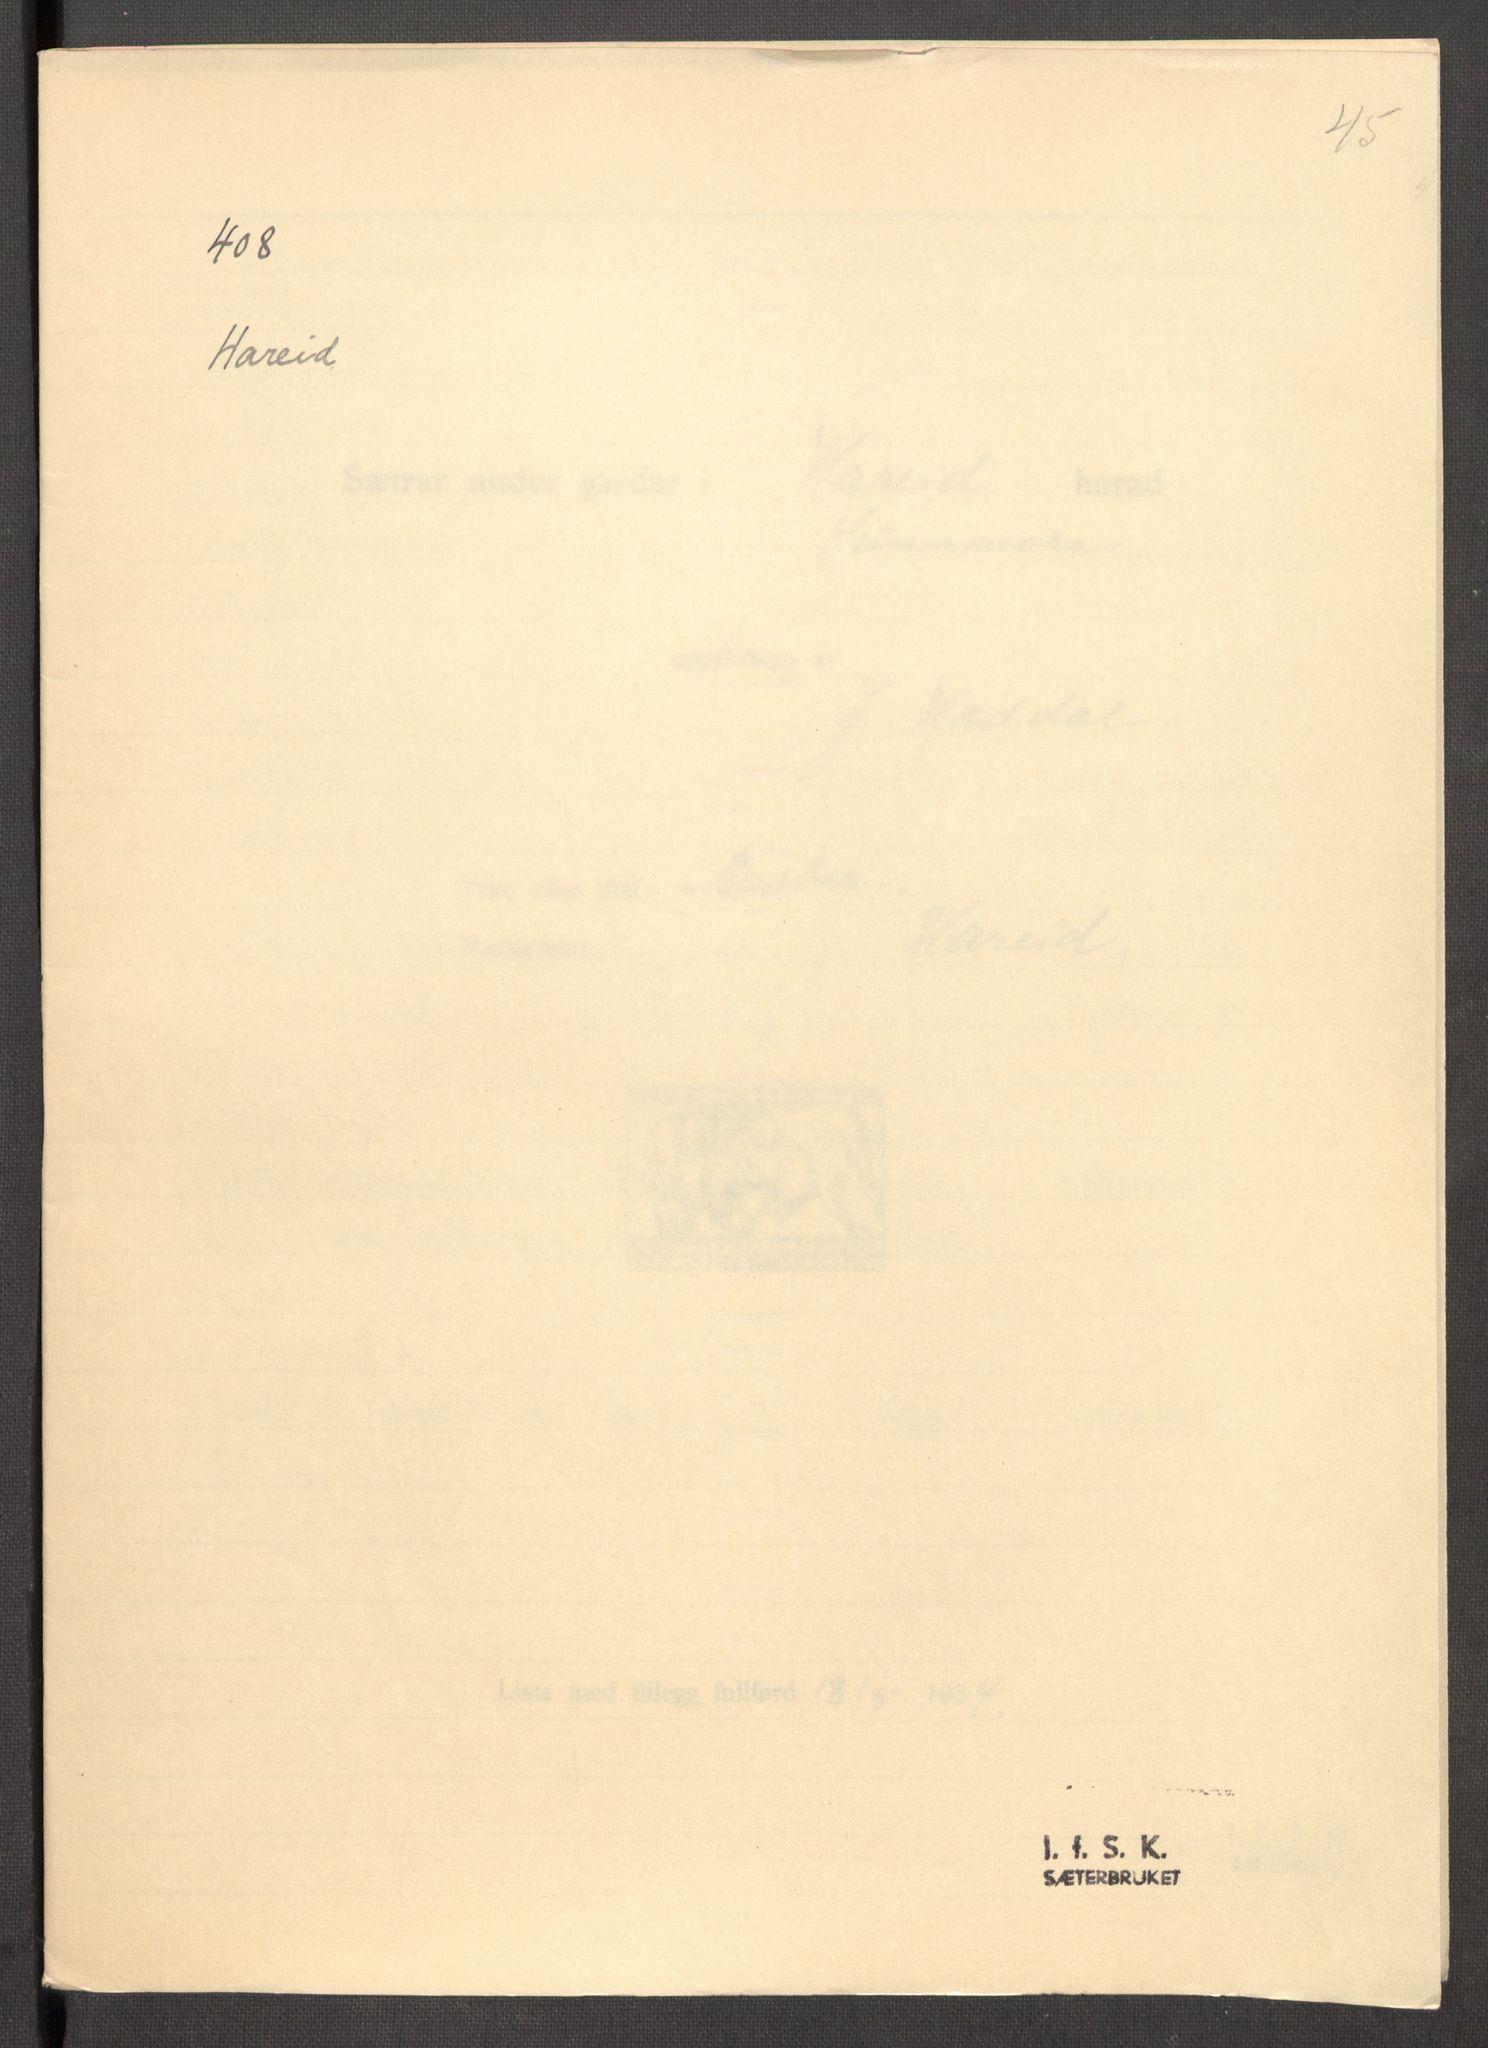 RA, Instituttet for sammenlignende kulturforskning, F/Fc/L0012: Eske B12:, 1934-1936, s. 45